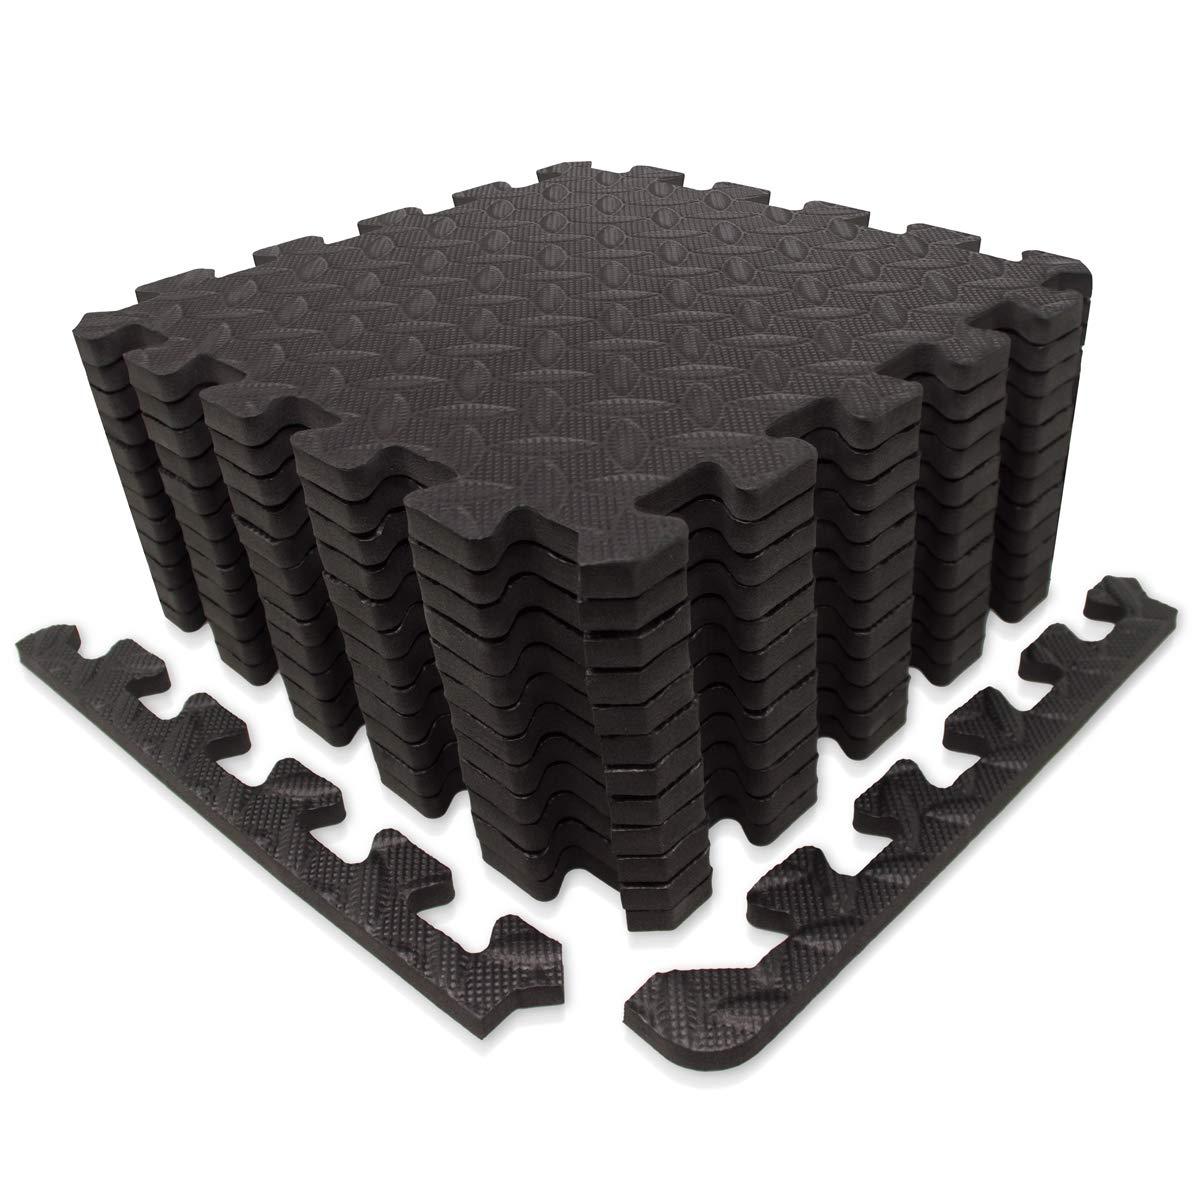 好きに 9ホーン エクササイズマット/保護フロアマット パープル EVAフォームインターロックタイルとエッジピース付き ジム機器 (~12sqf)、ヨガ 12、表面保護 12 Tiles (~12sqf) パープル B07CZ2V1NN ブラック 12 Tiles (~12sqf) 12 Tiles (~12sqf)|ブラック, エスエール:59966f01 --- arianechie.dominiotemporario.com